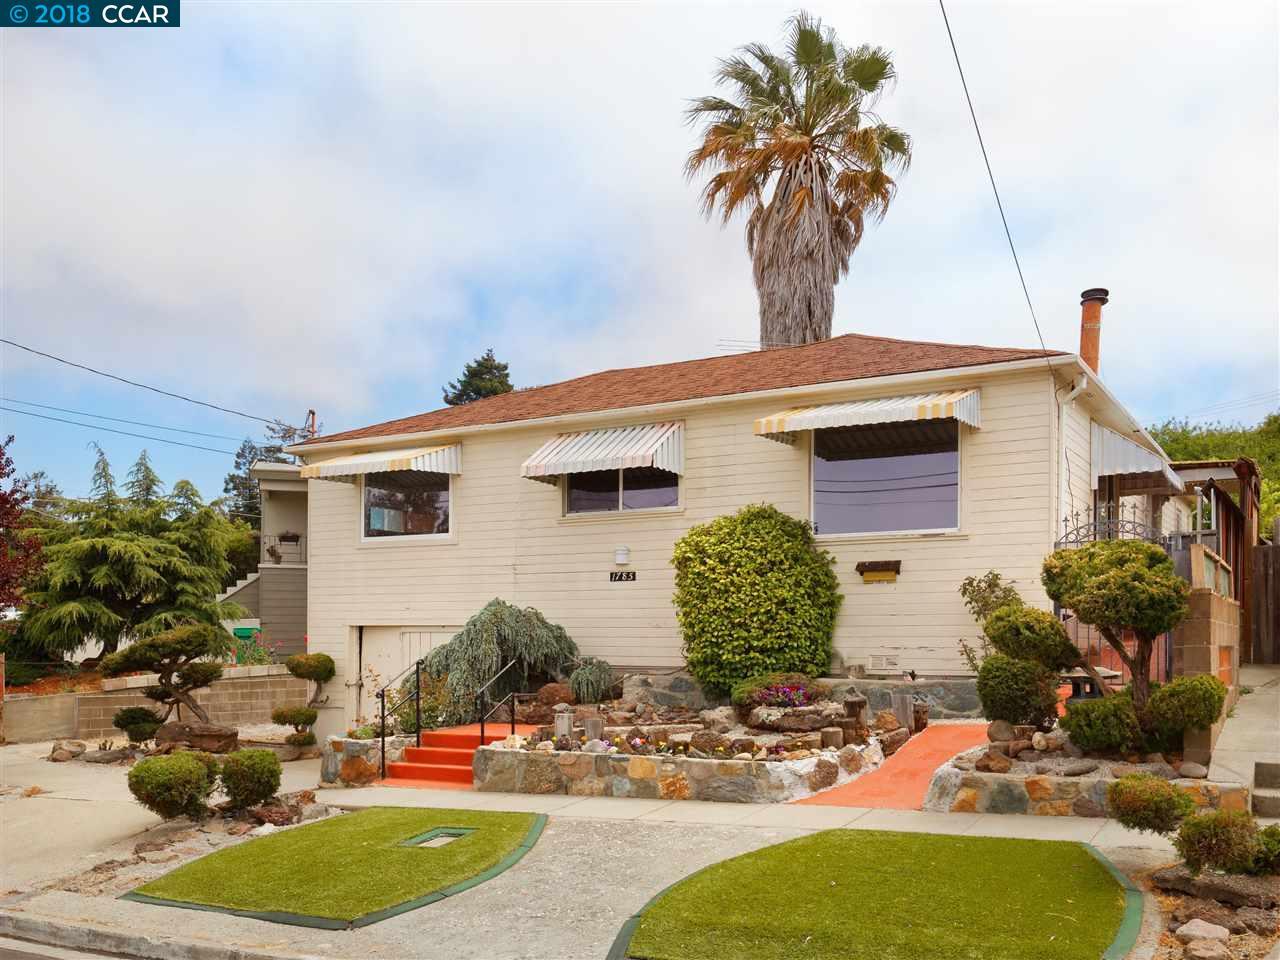 1785 RALSTON AVE, RICHMOND, CA 94805